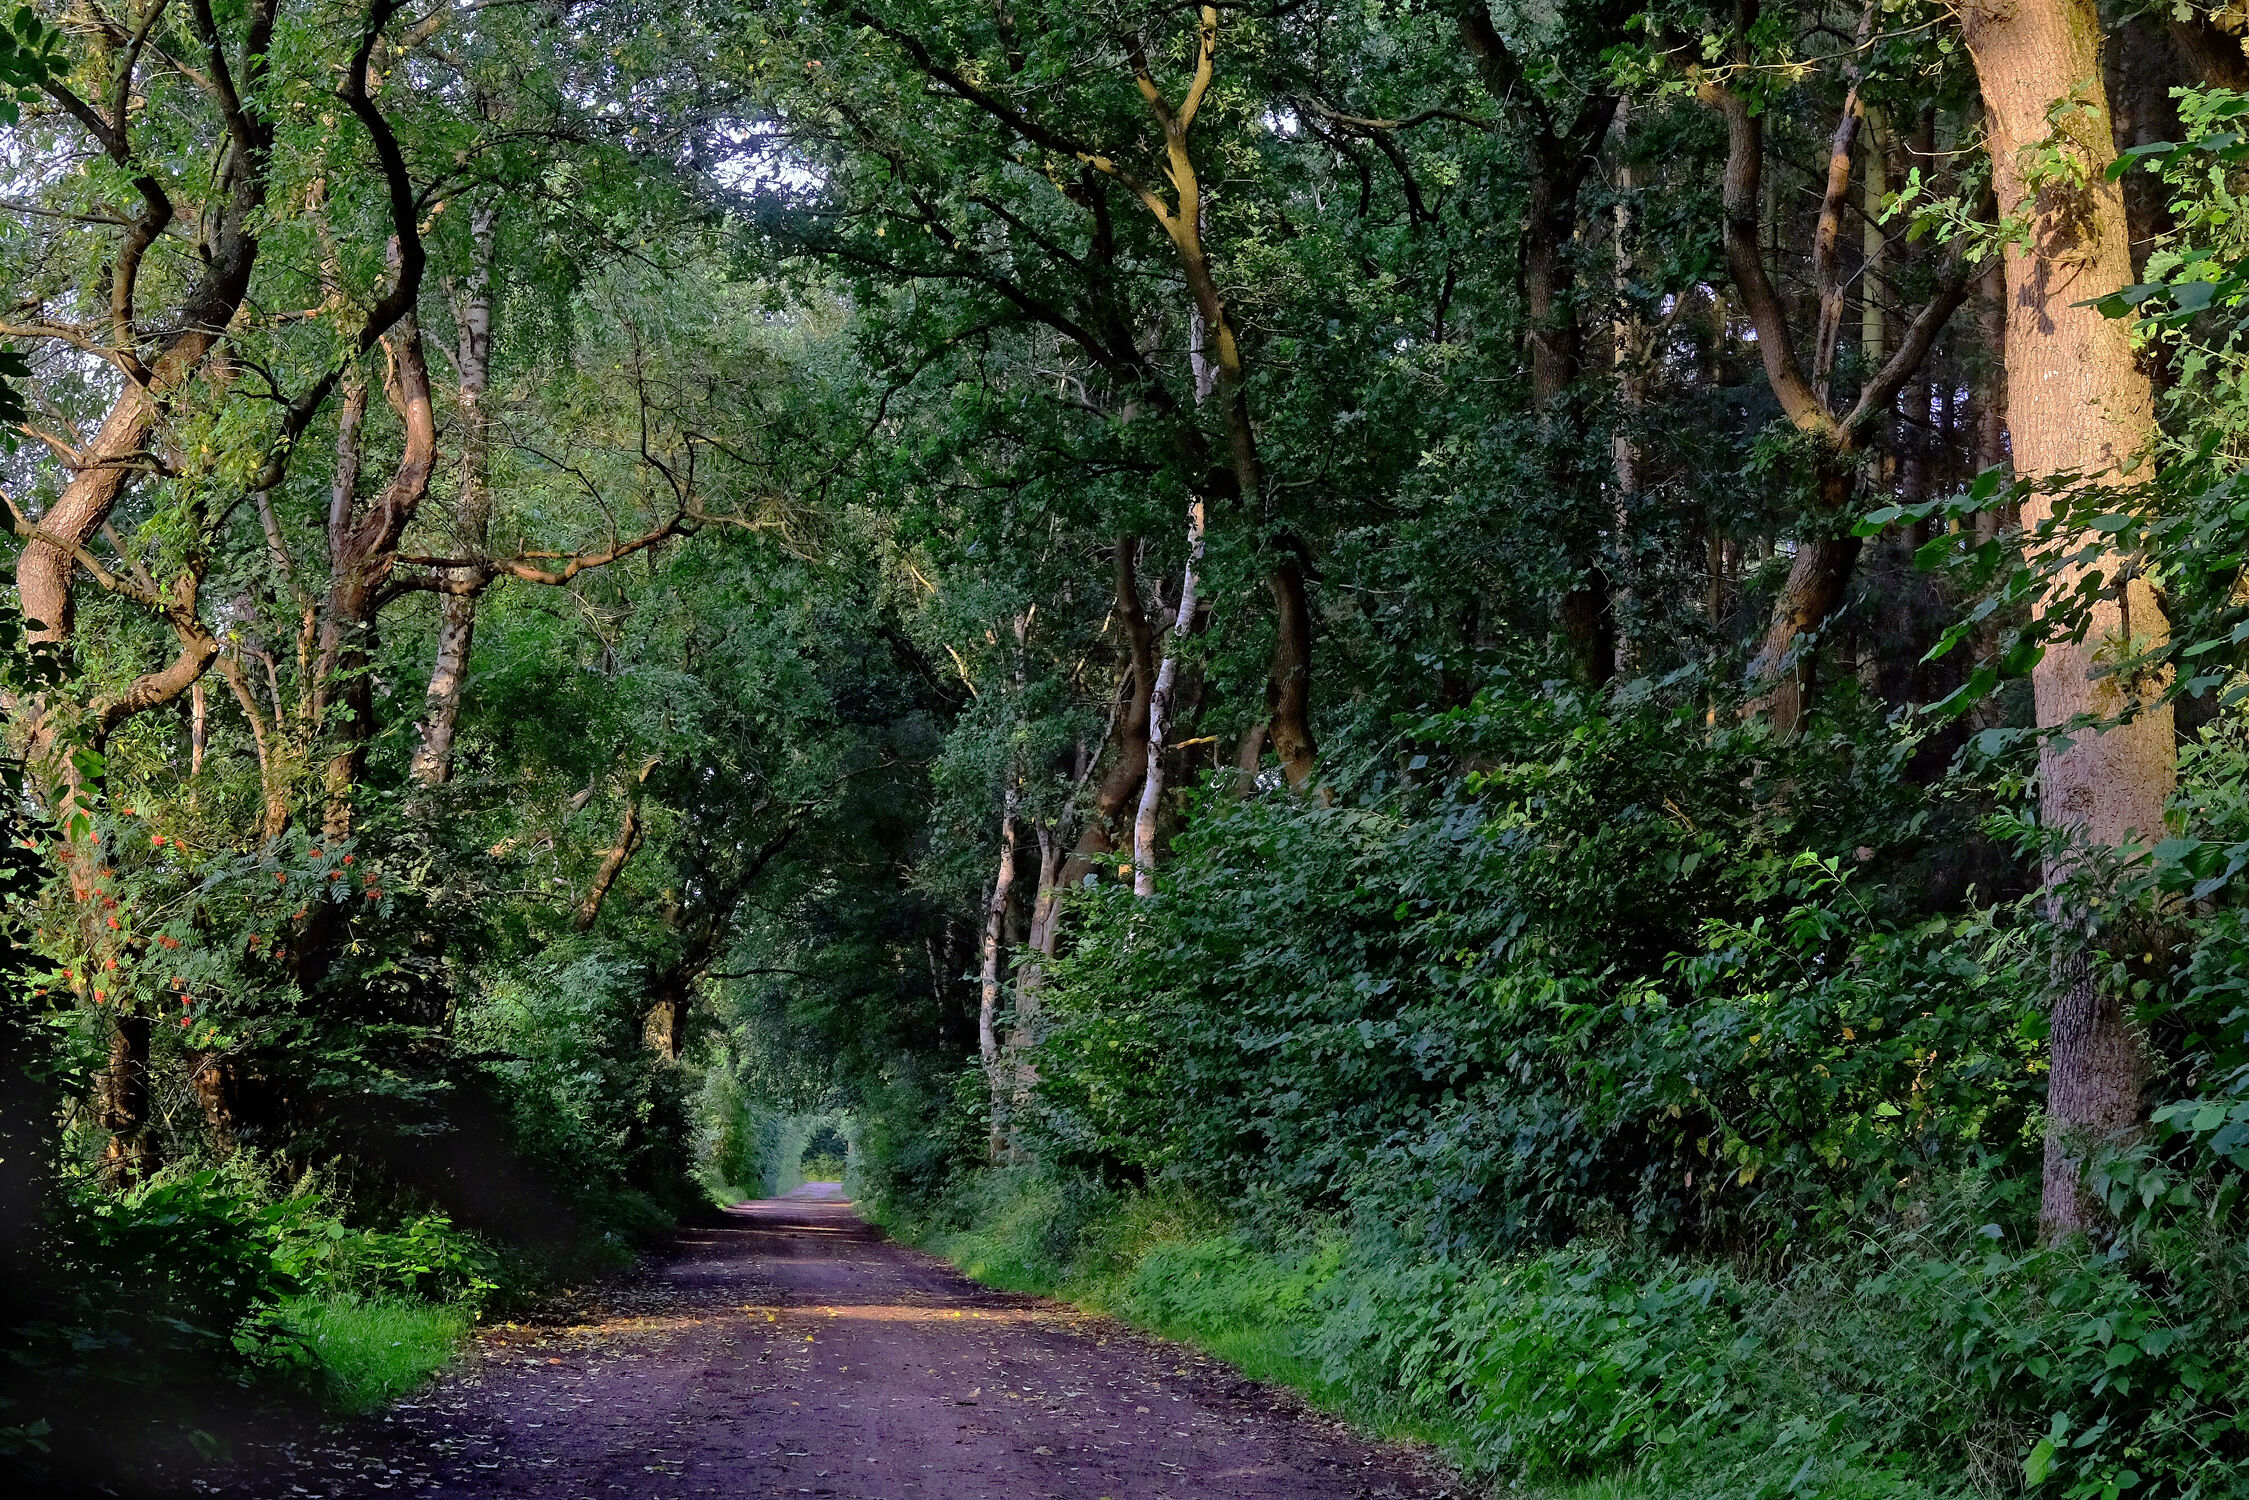 Bild mit Natur, Grün, Pflanzen, Bäume, Sommer, Wandern, Geniessen, Schatten, Sauerstoff, Kuhle